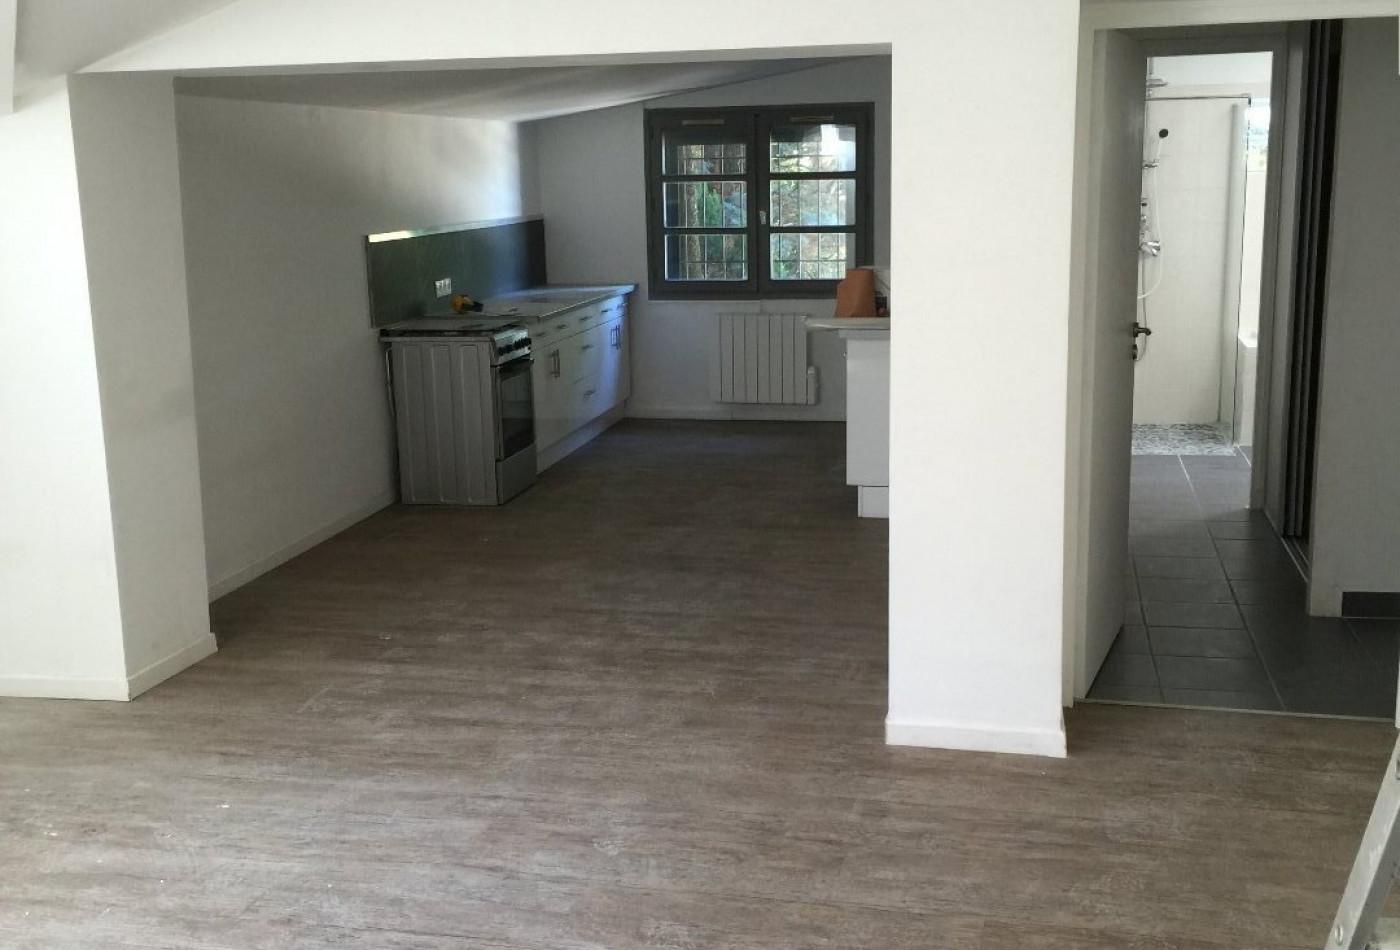 A vendre  Montelimar | Réf 260013522 - Office immobilier arienti